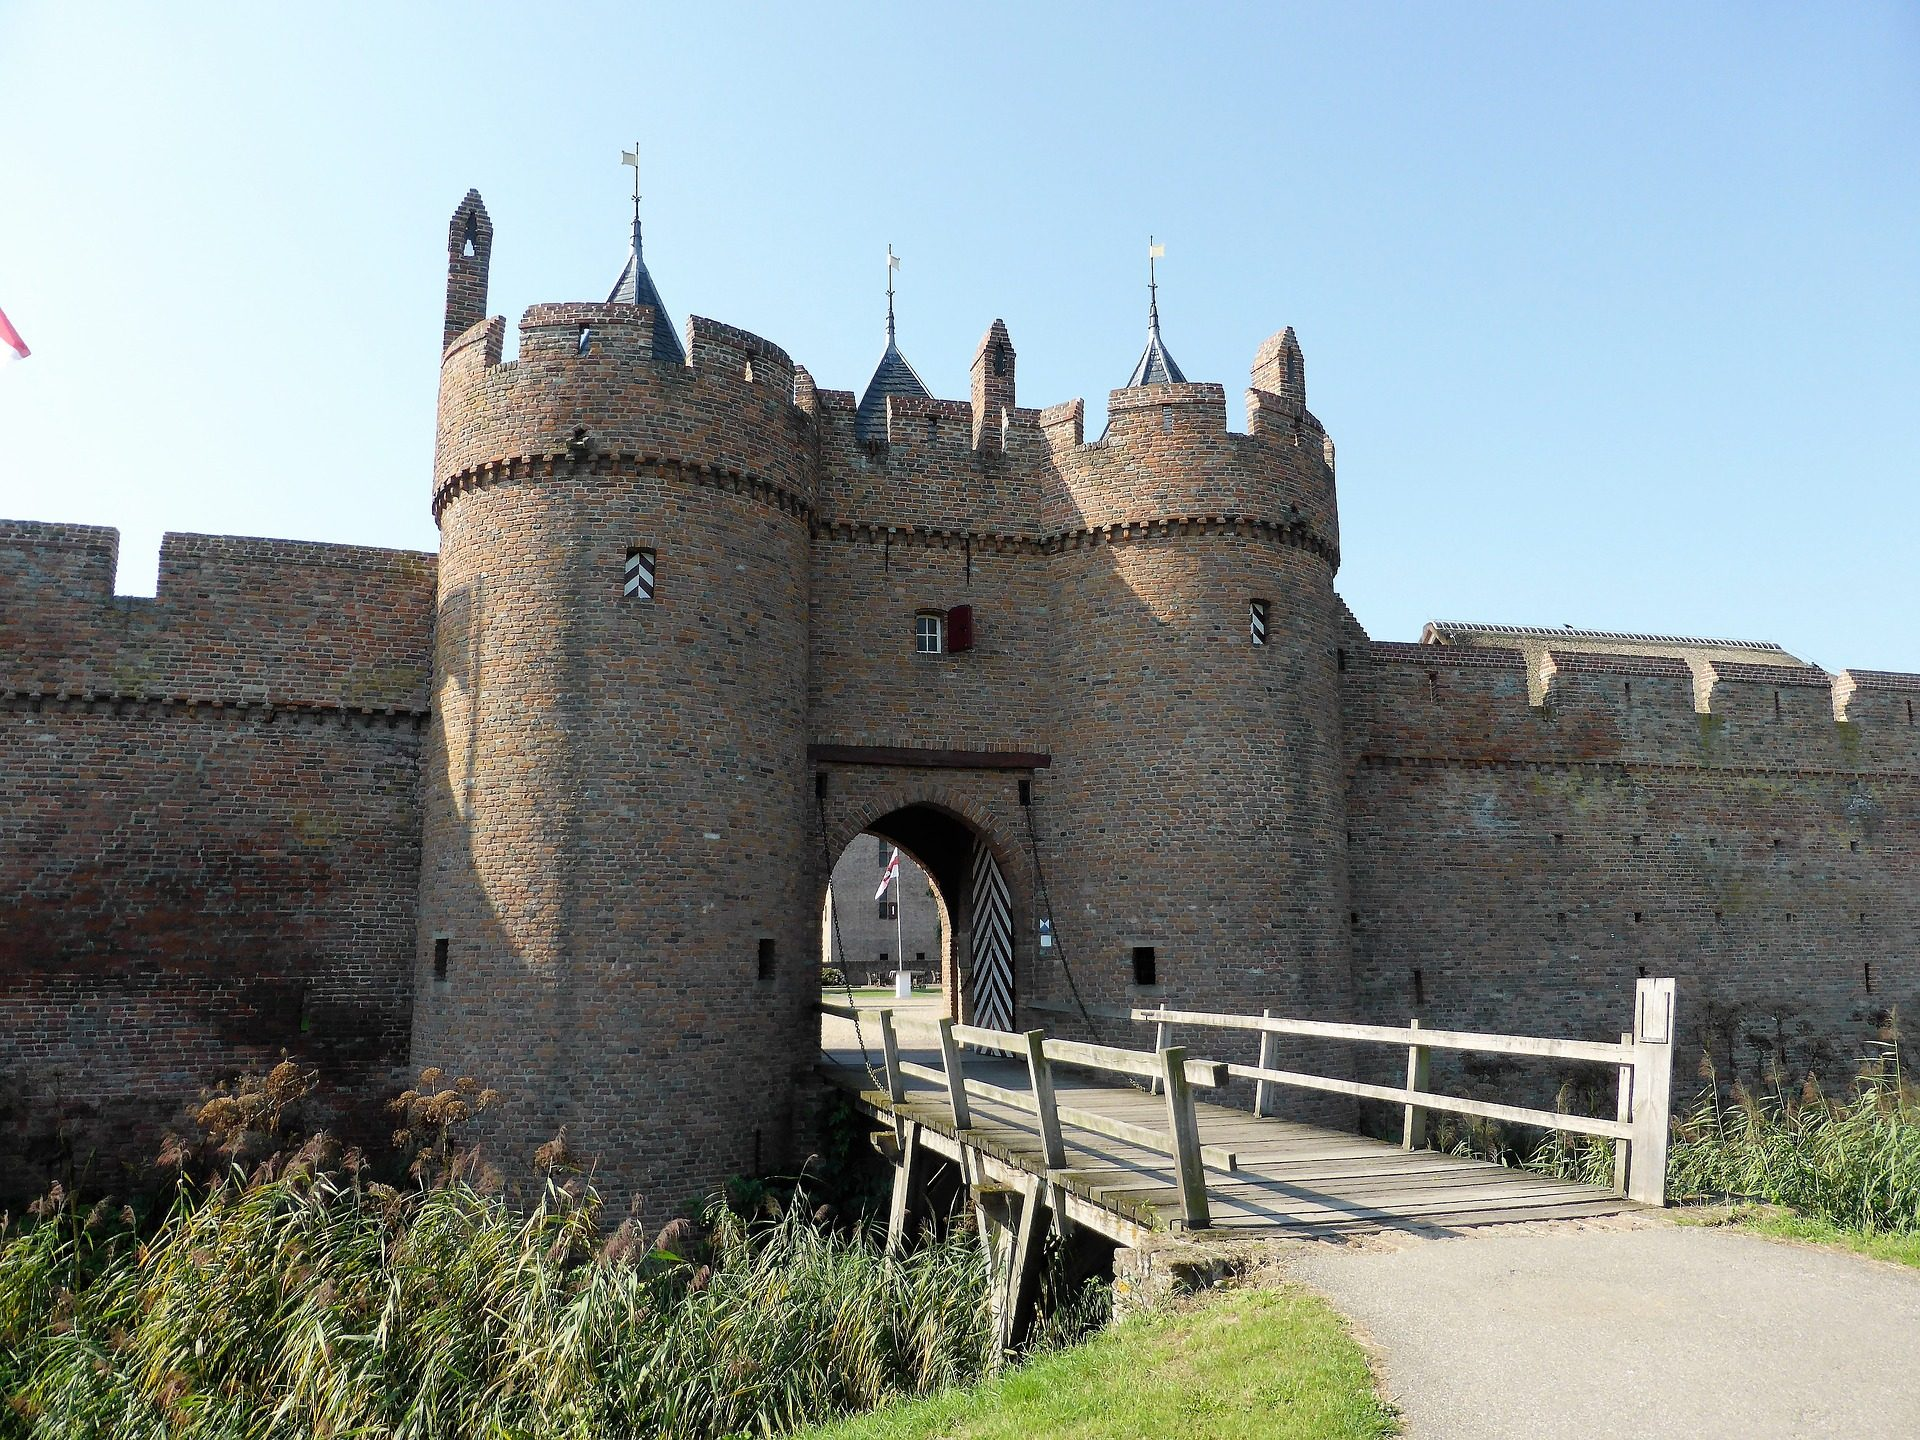 Замок, Крепость, Торрес, мост, стены - Обои HD - Профессор falken.com